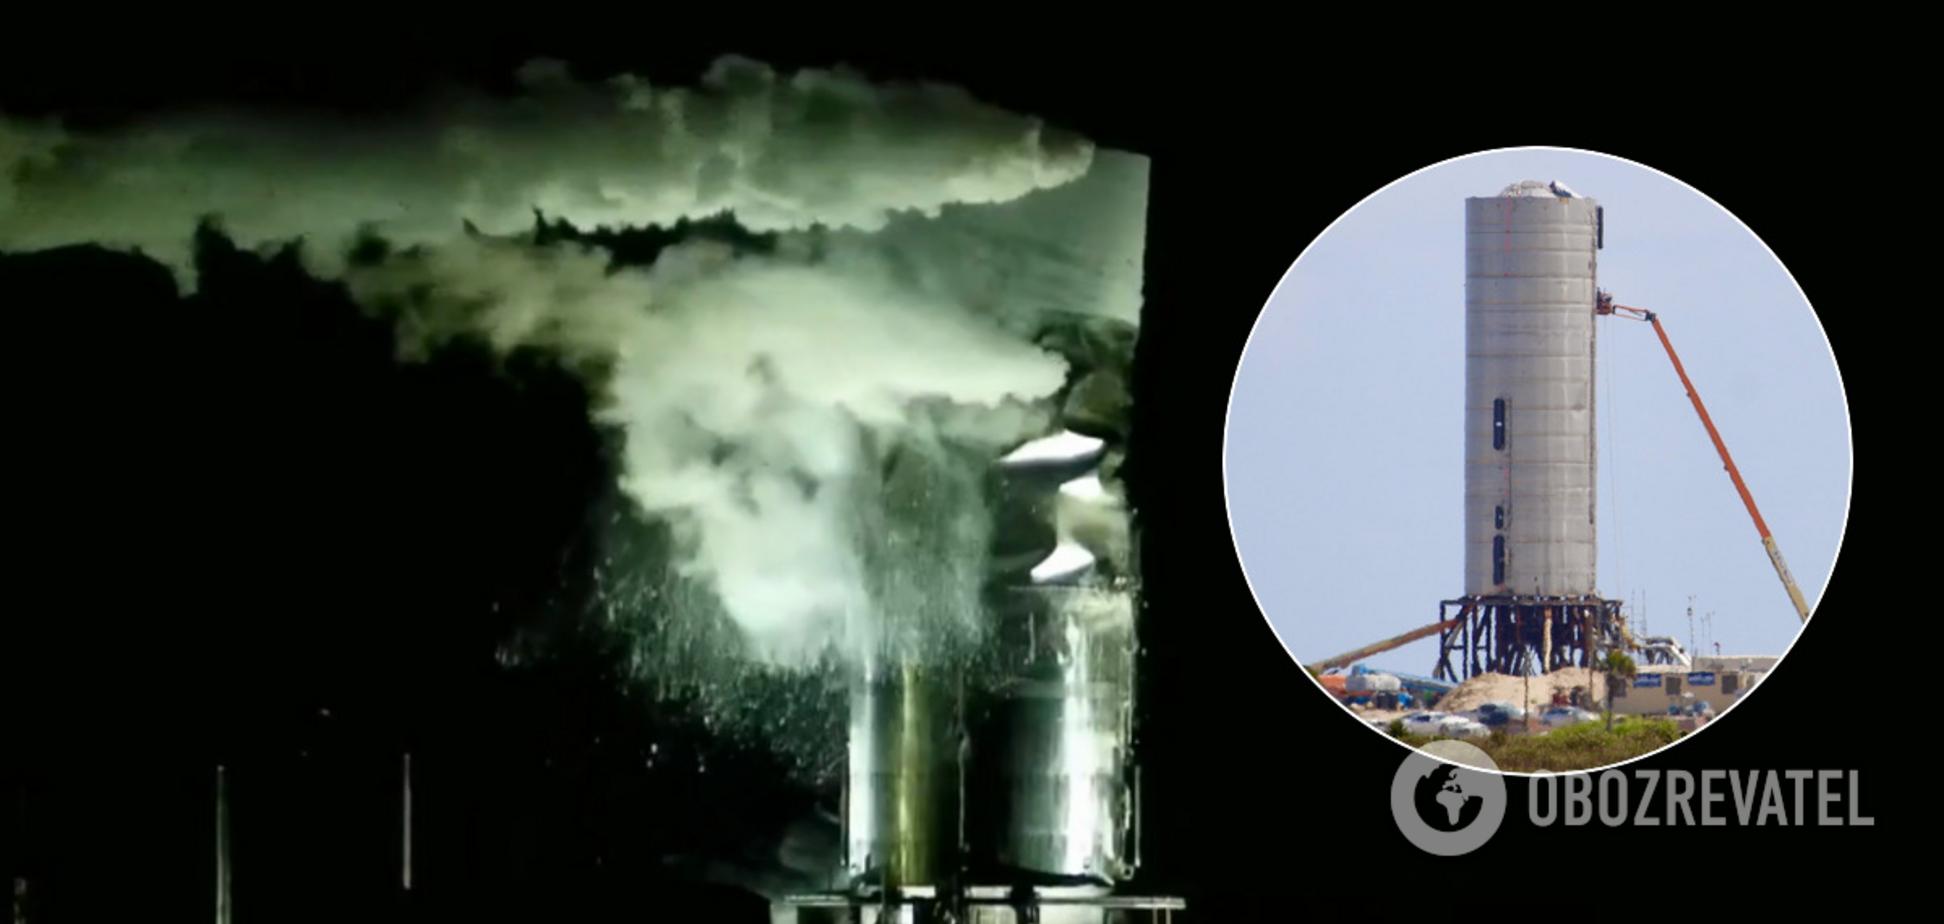 Космический корабль Маска полностью разрушился при запуске. Видео